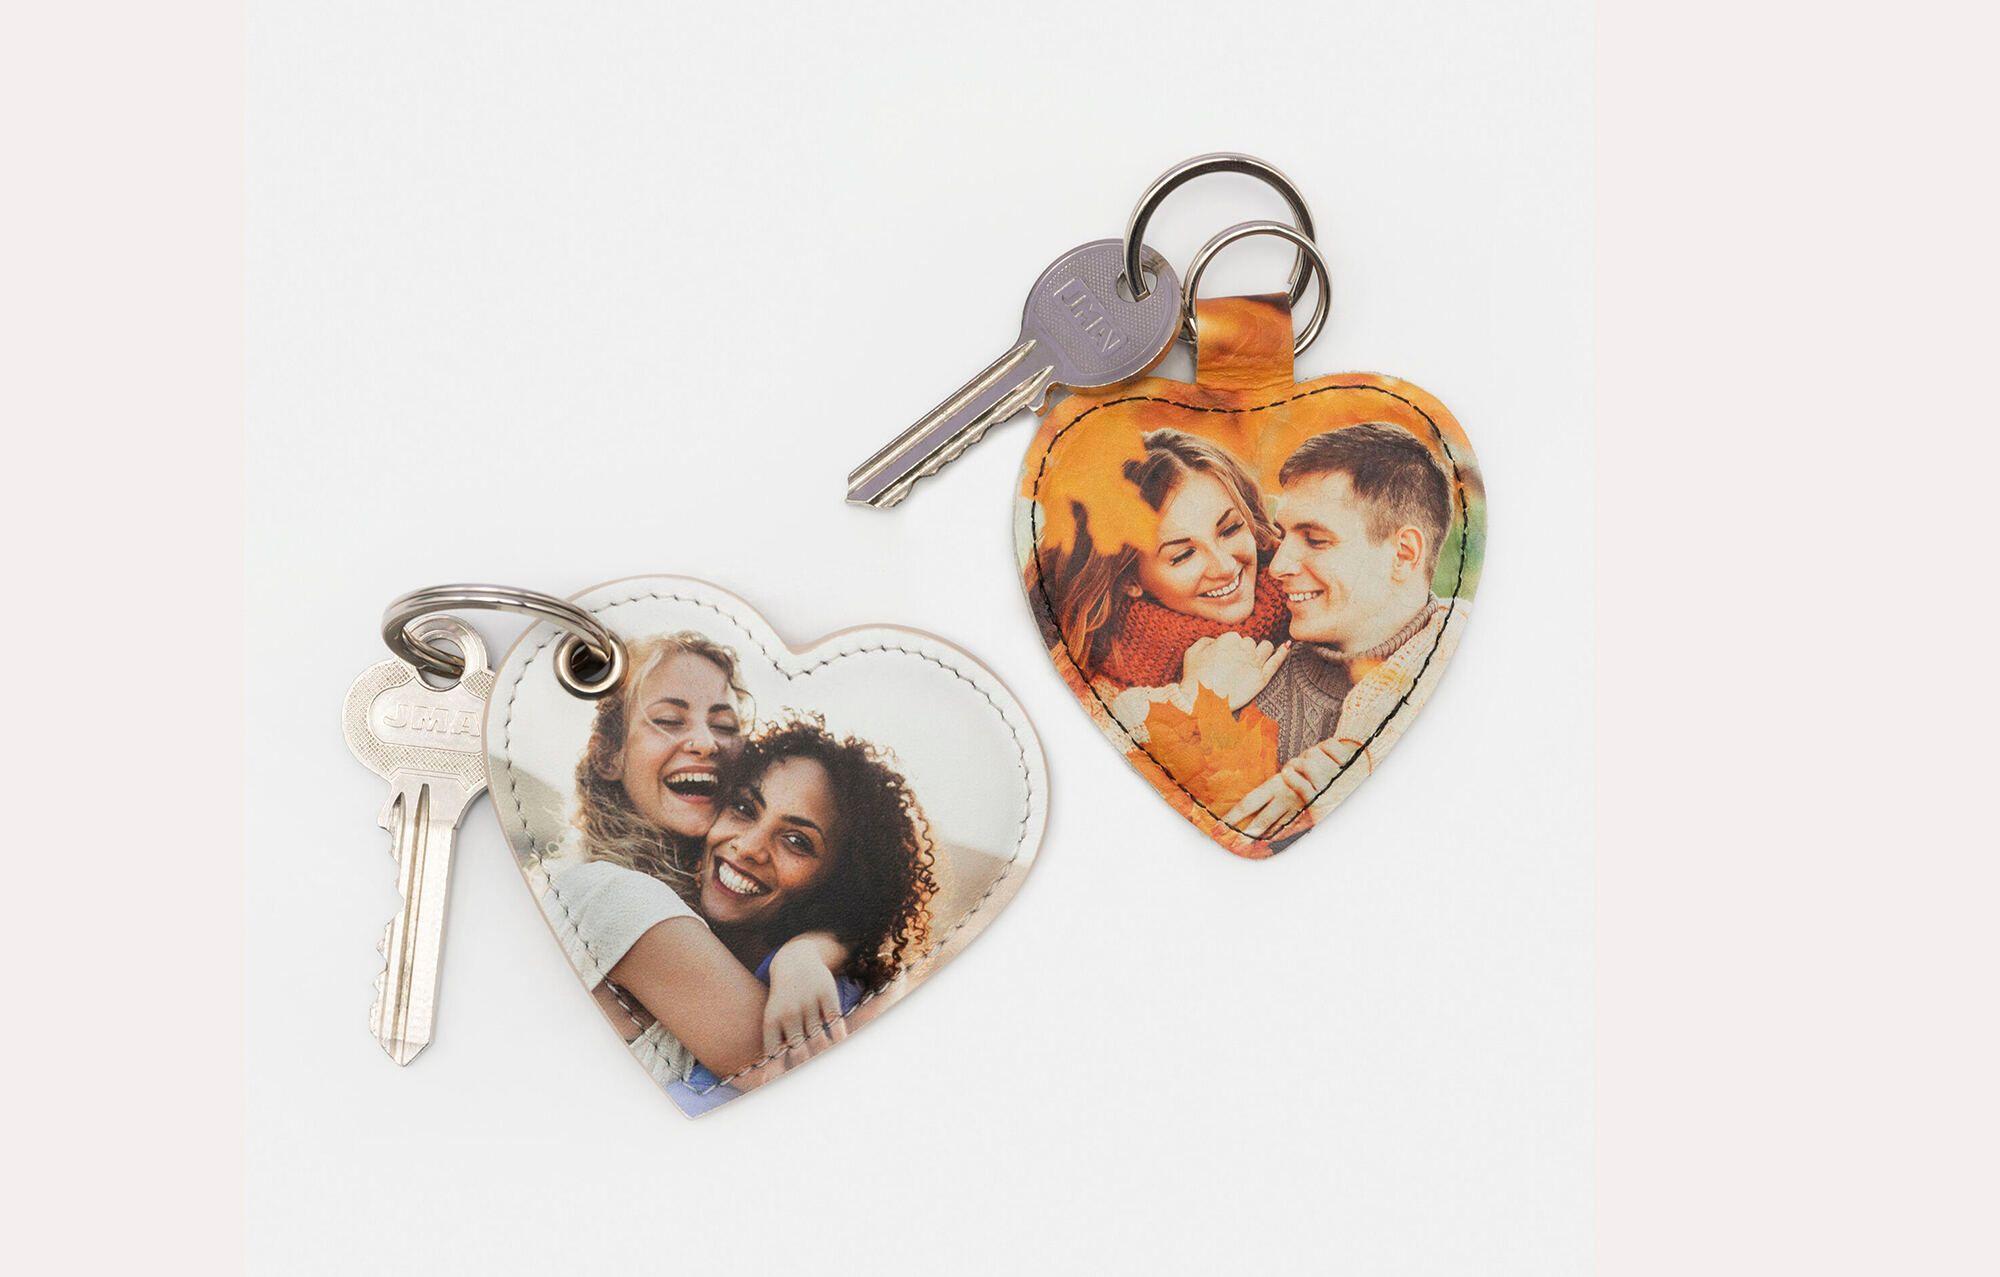 Schlüsselanhänger selbst gestalten